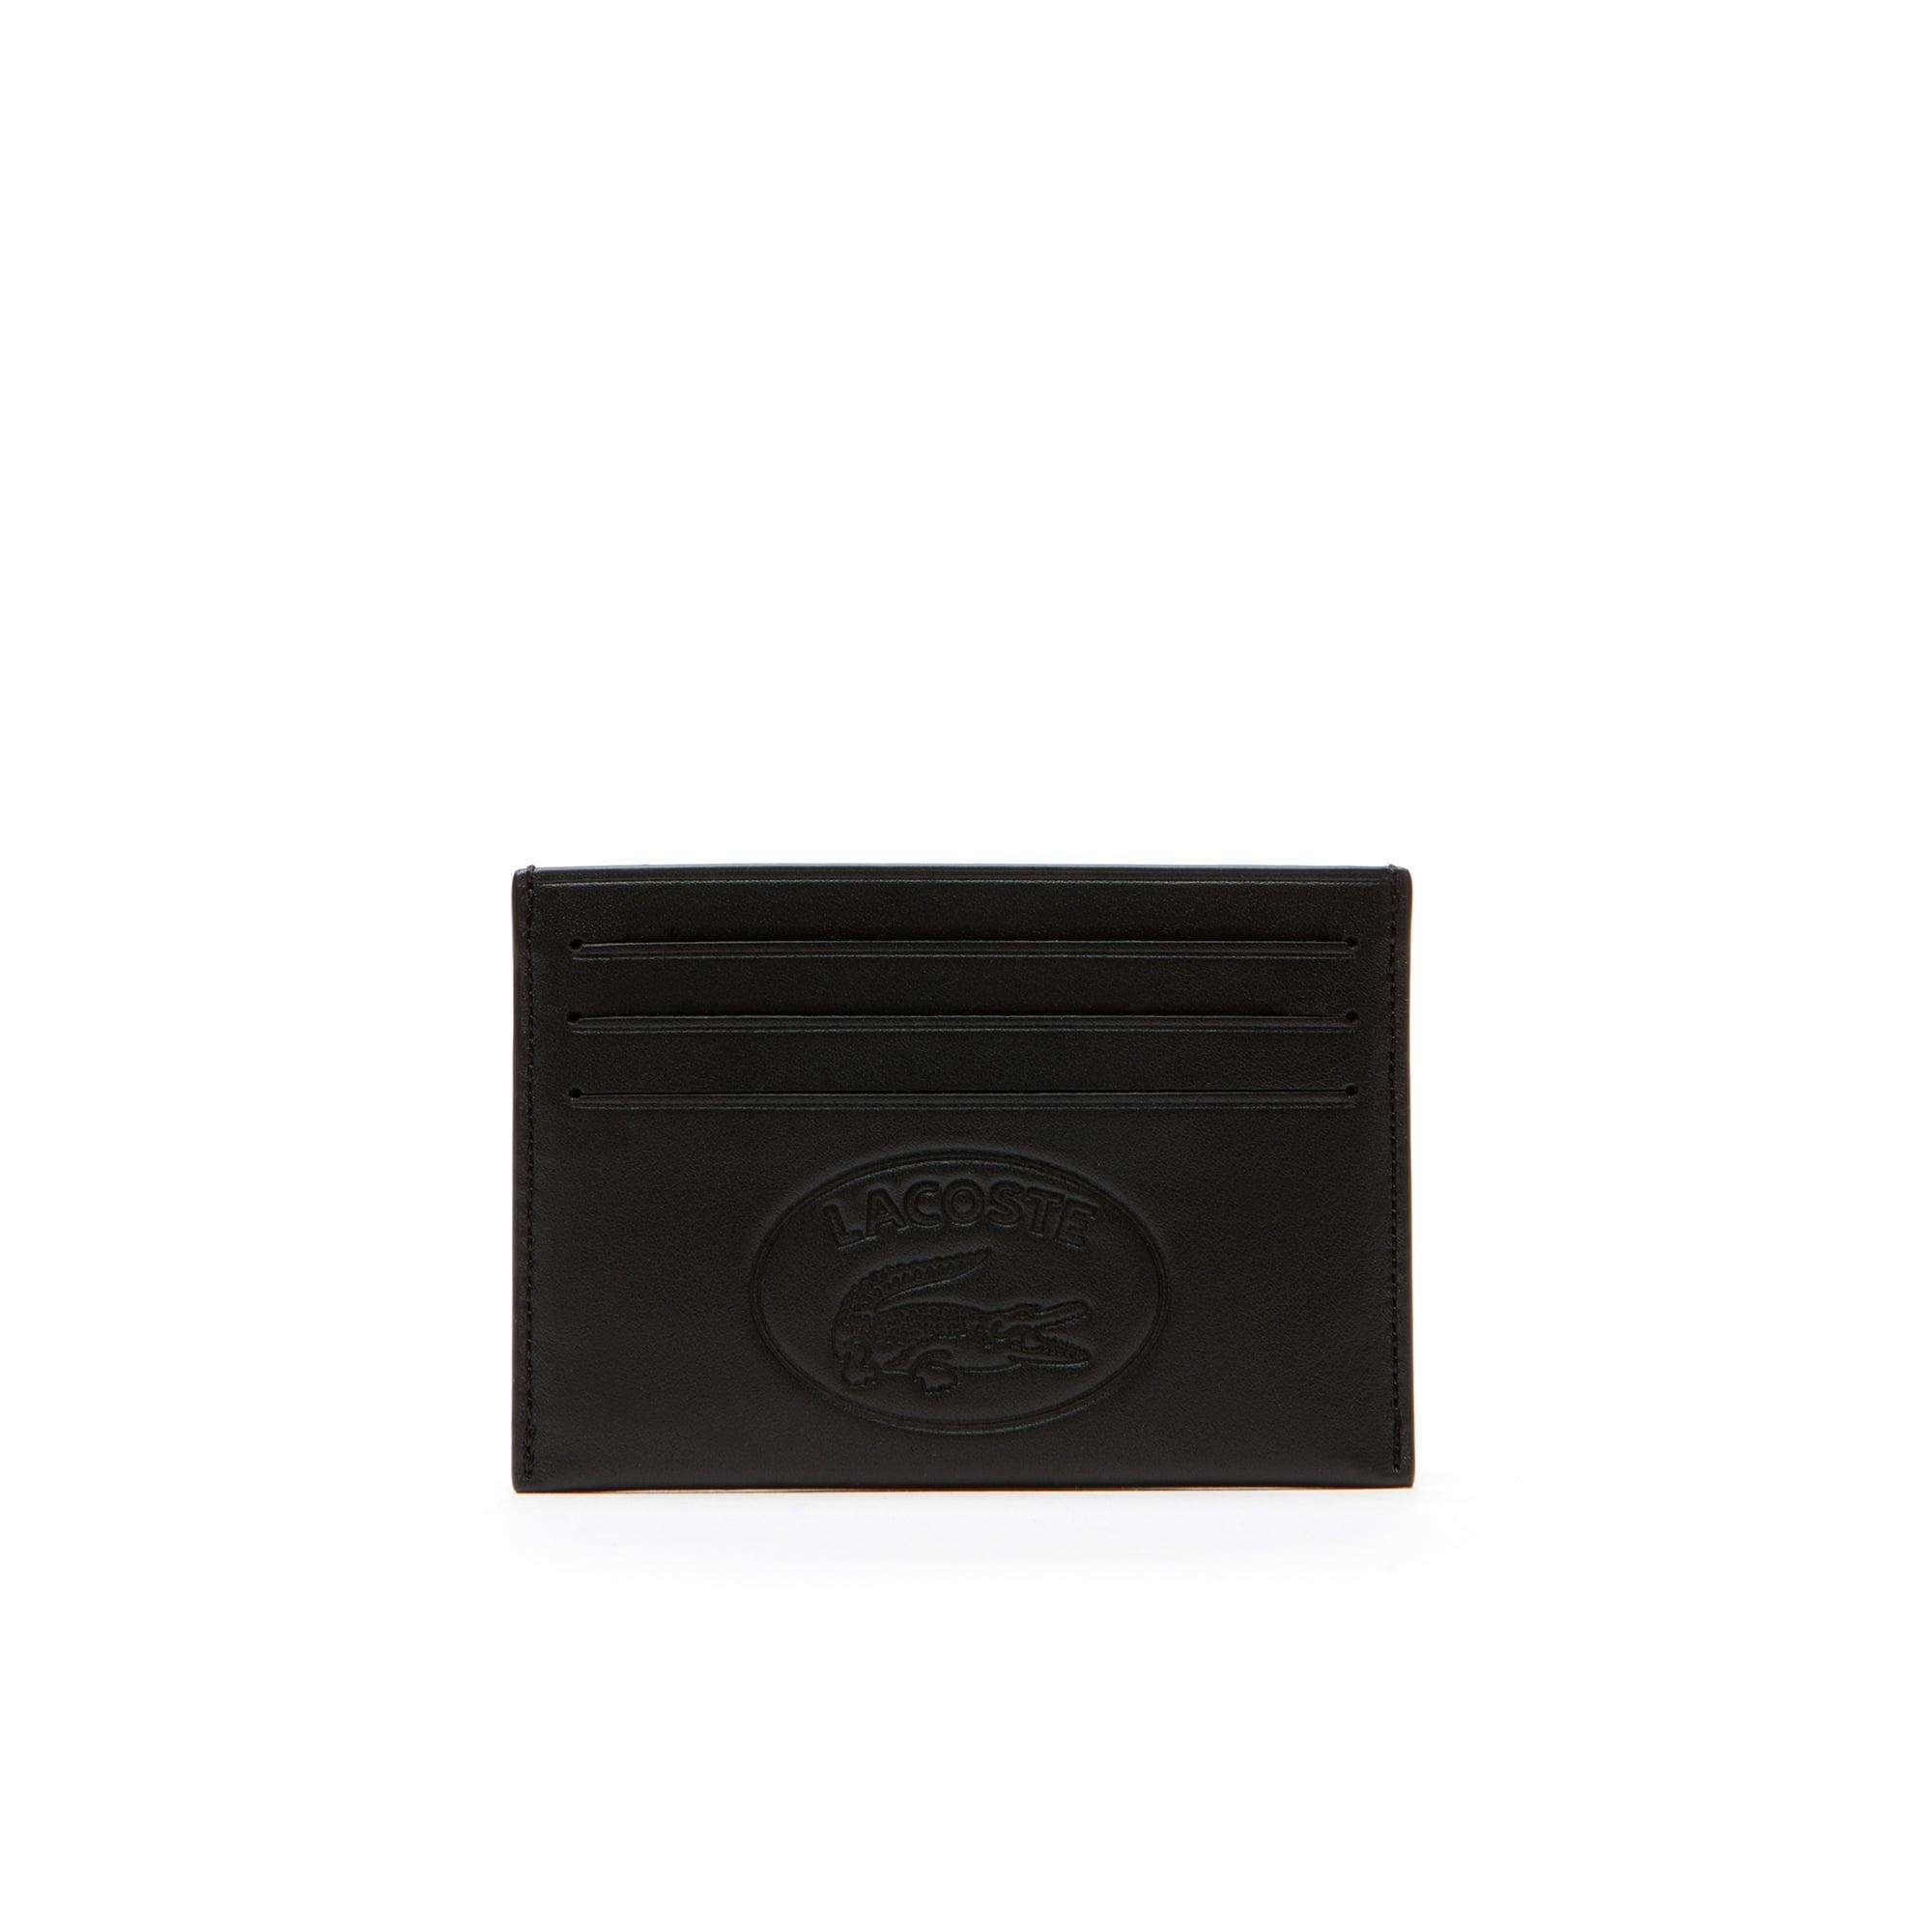 (남성) [L.12.12] 엠보싱 레터링 6 슬롯 레더 카드 홀더